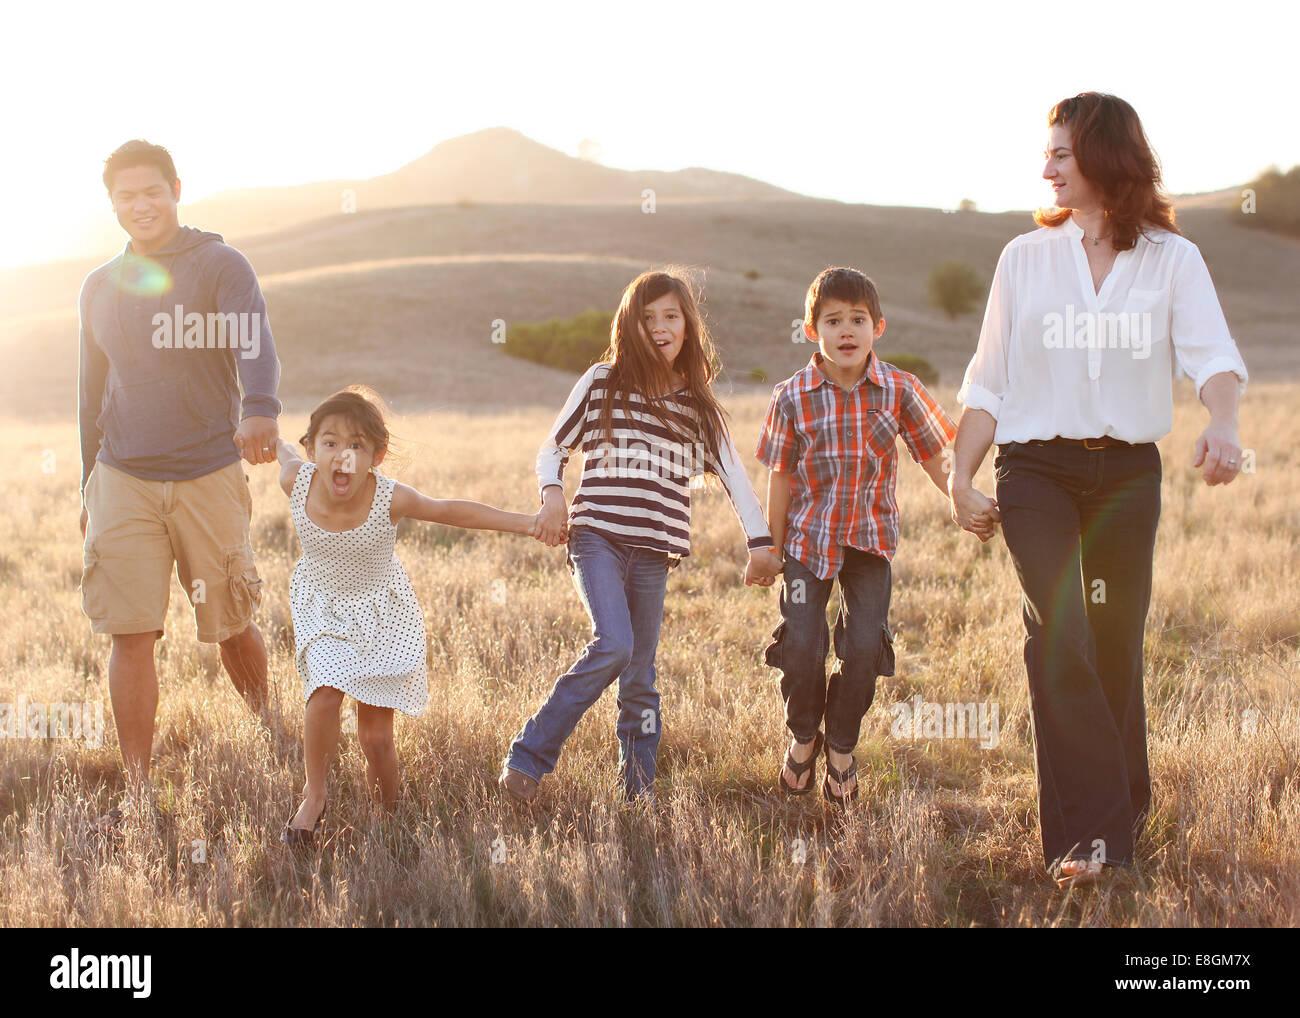 Familia de cinco manos, caminar en la pradera Imagen De Stock